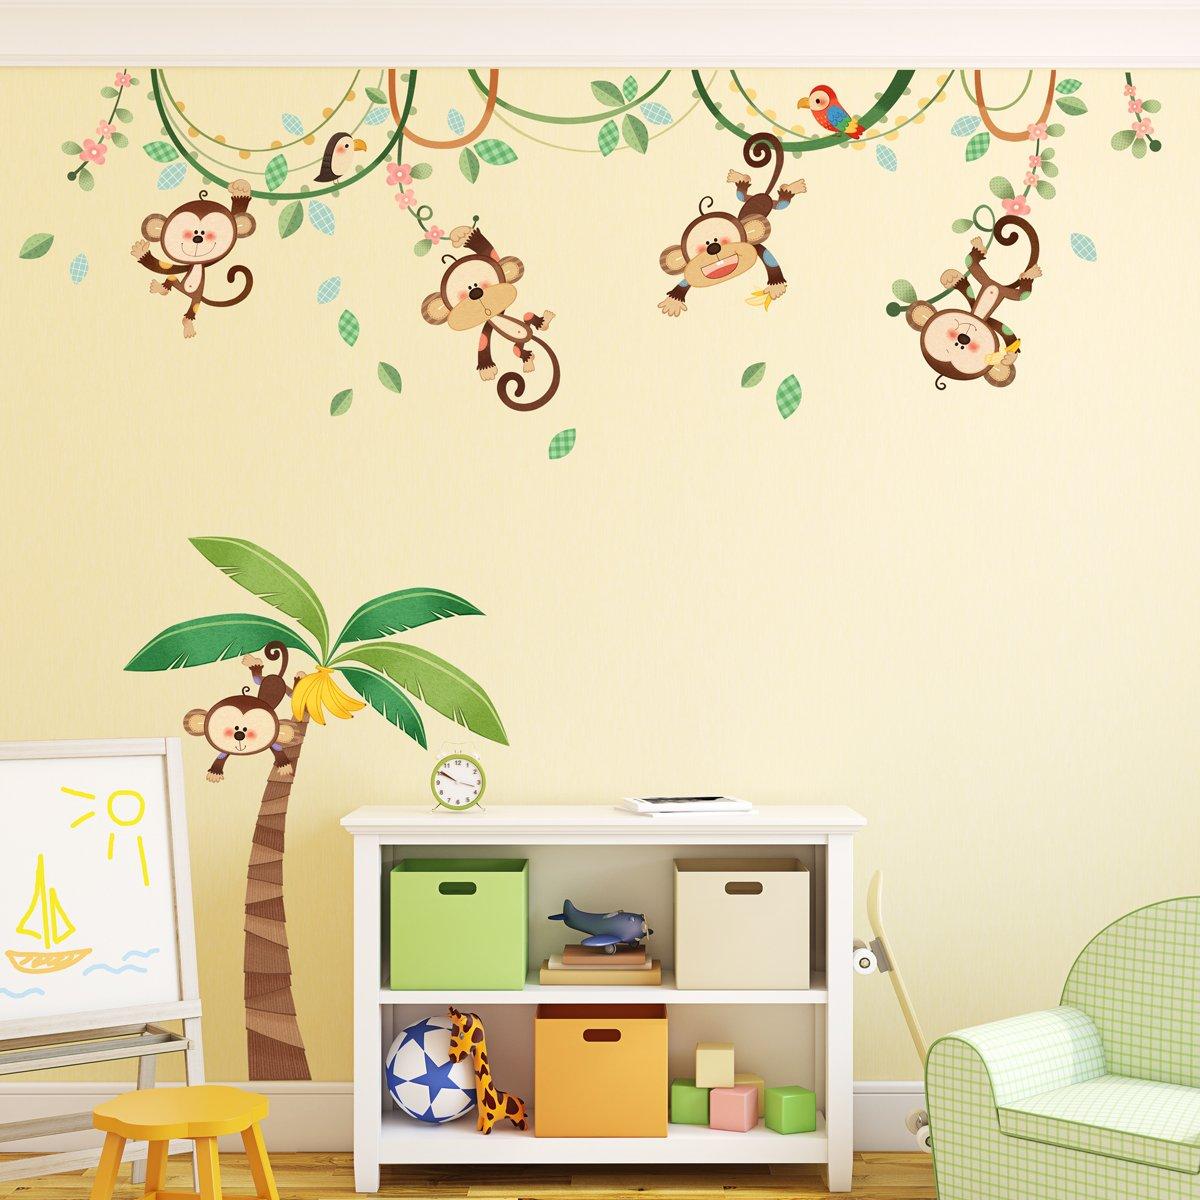 Wunderbar Decowall DA 1507 Affen Weinrebe Tiere Wandtattoo Wandsticker Wandaufkleber  Wanddeko Für Wohnzimmer Schlafzimmer Kinderzimmer Product